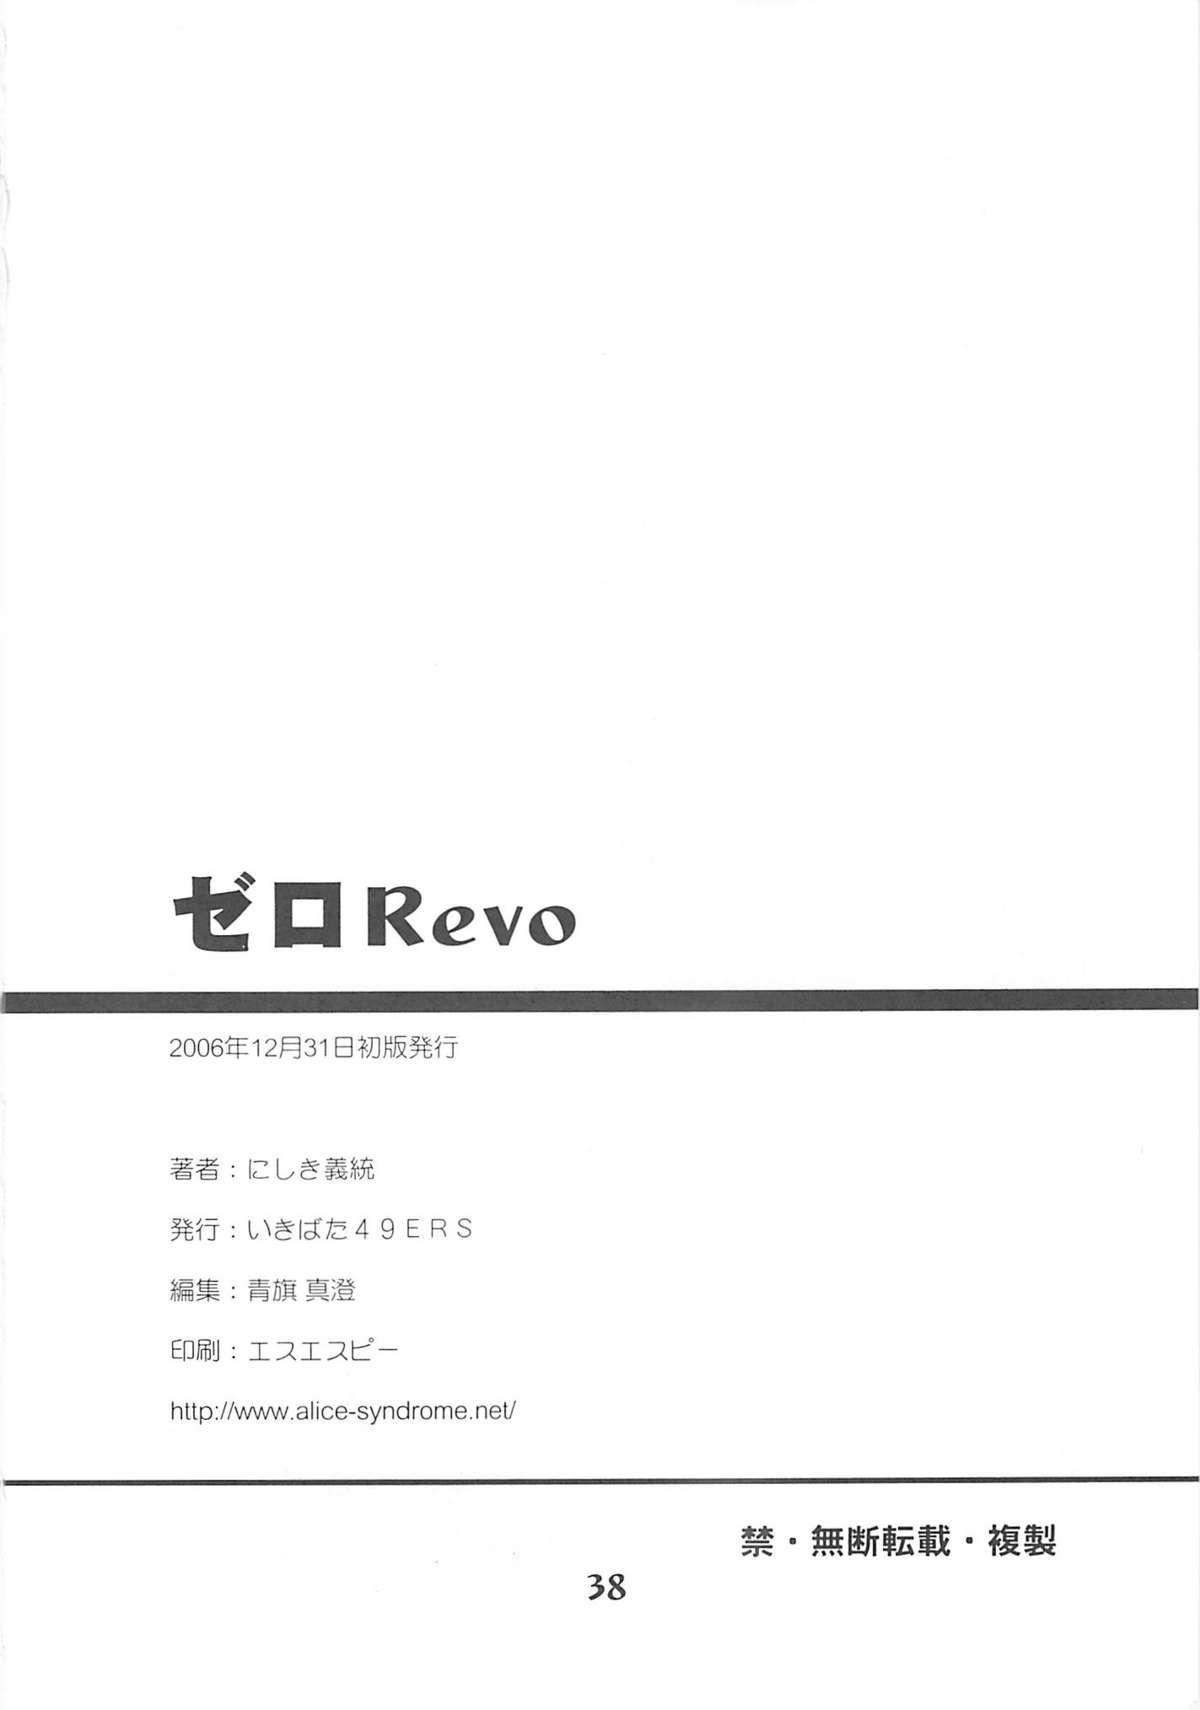 Zero Revo 36